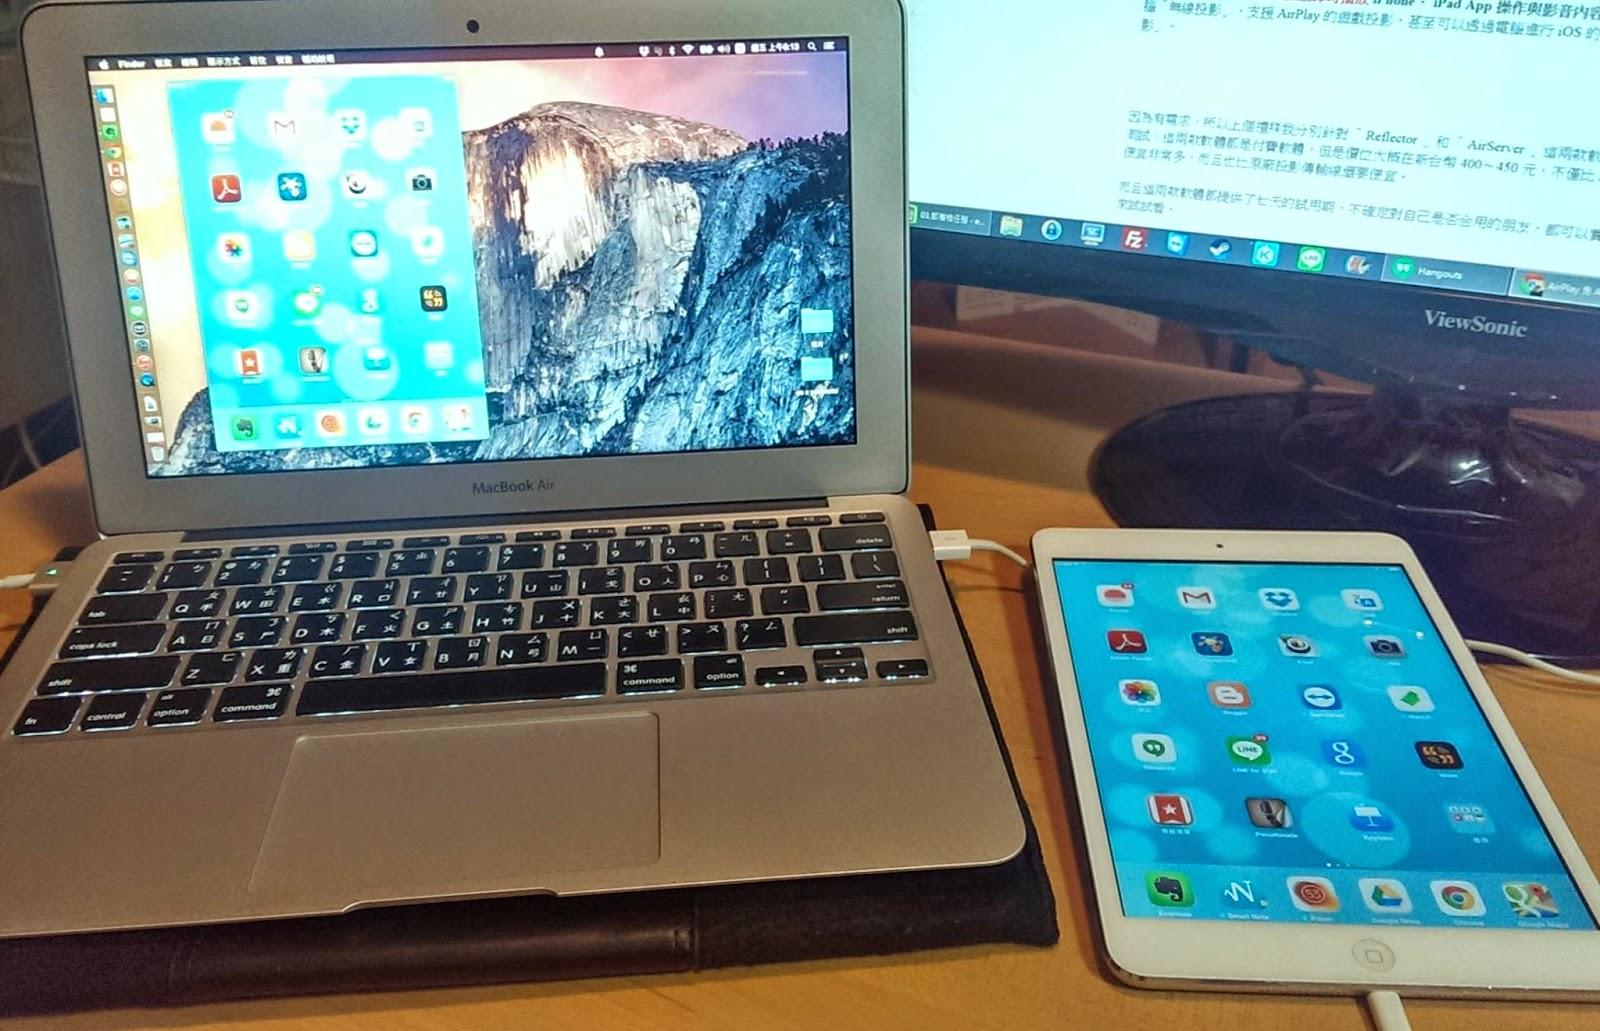 最好創意!2014年不可錯過的 iPad、iPhone App|數位時代